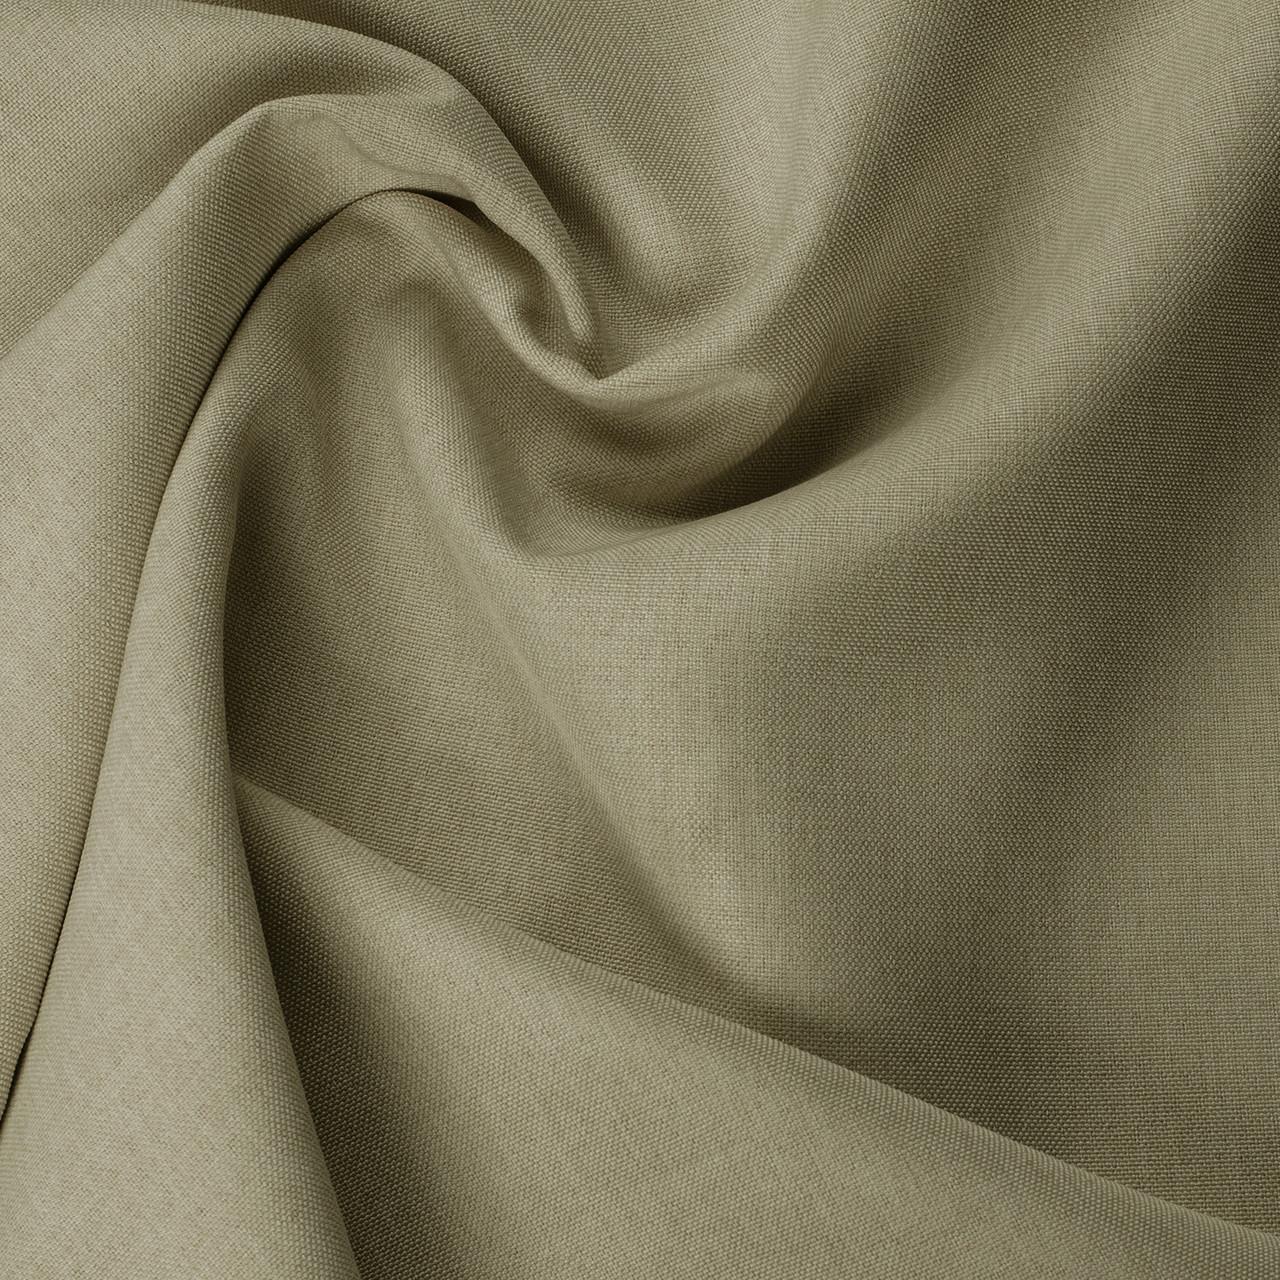 Декоративна однотонна тканина бежевого кольору 300см 84449v6